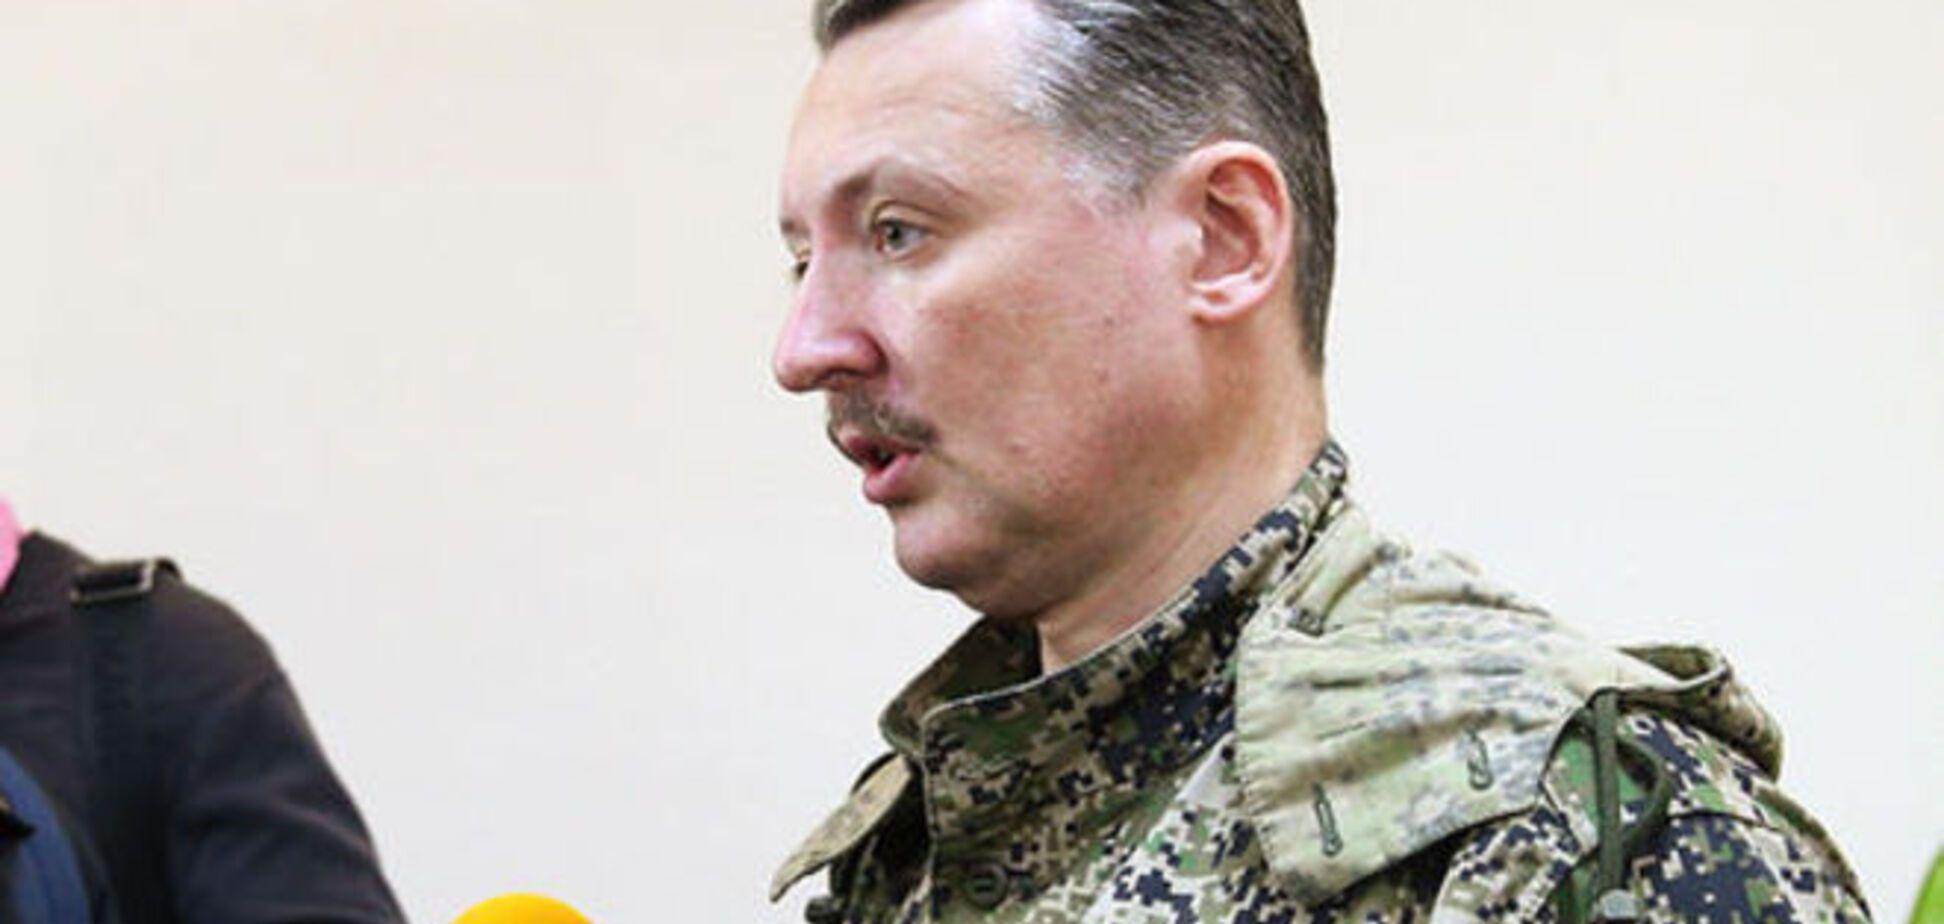 СМИ сообщили о гибели главаря славянских террористов 'Стрелка'